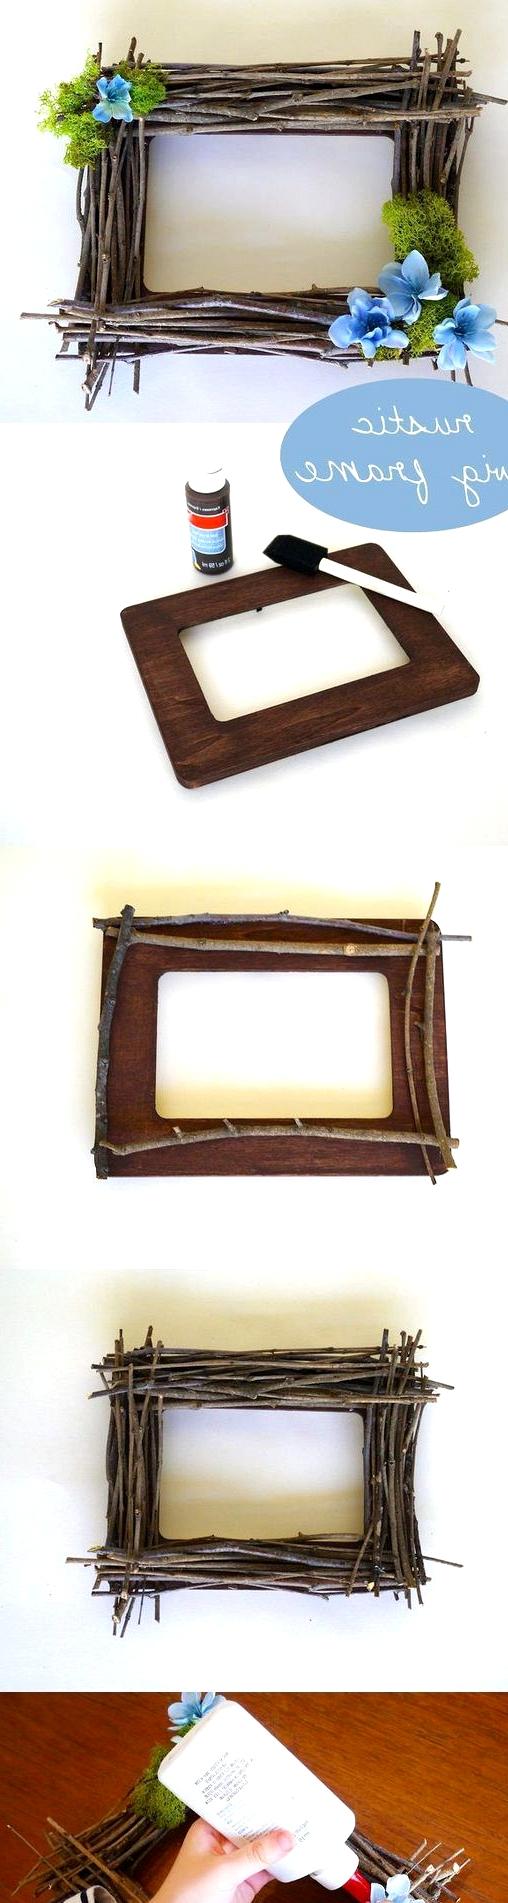 diy rustic twig frame craft